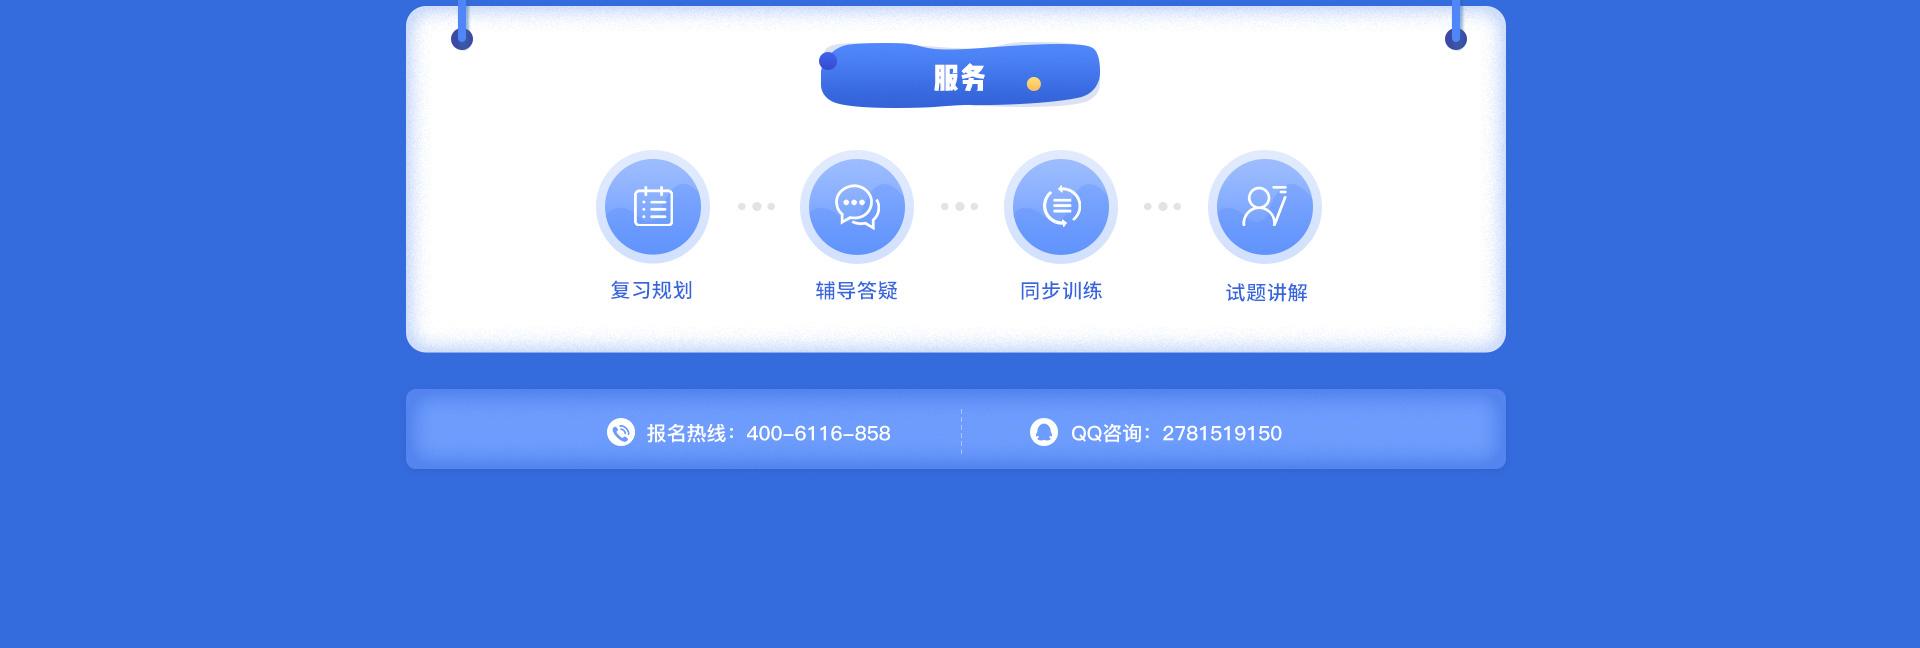 改-专题页面:VIP协议班1920x_07.jpg